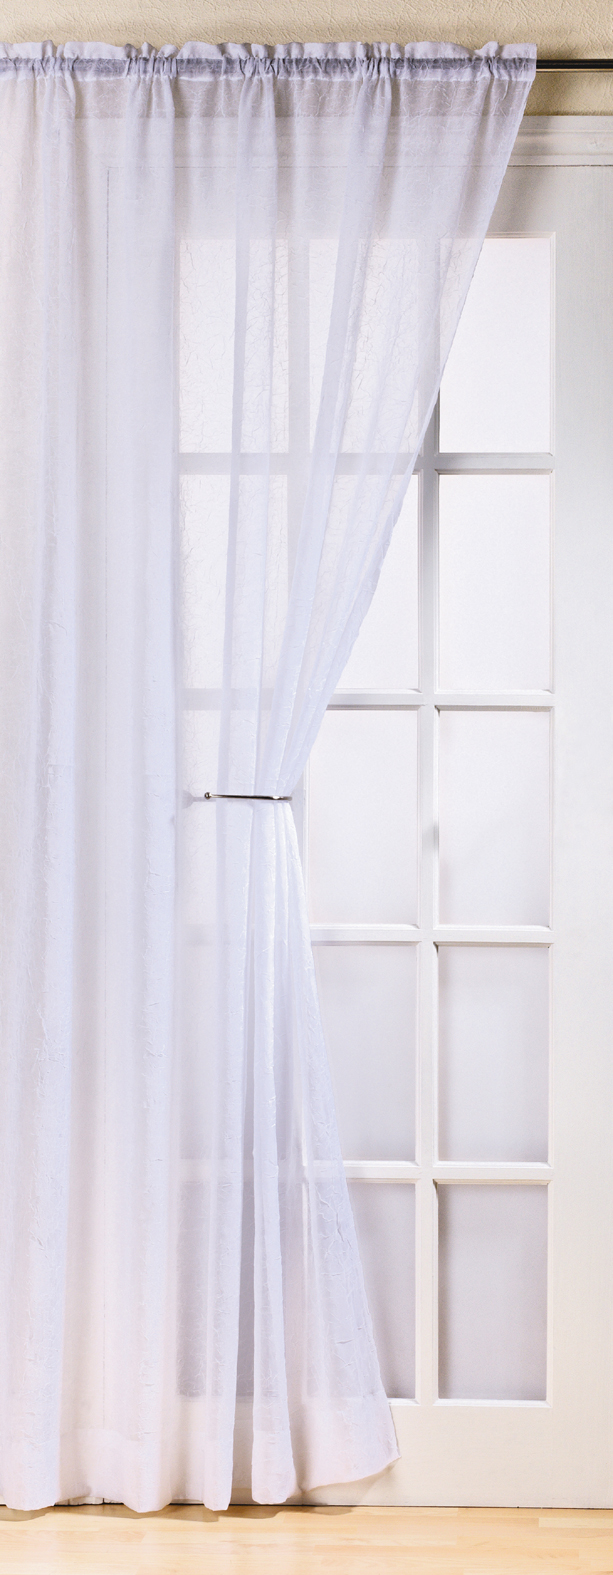 vorhang t r fenster fidschi slot top gerafft netz voile panel knitter dekor ebay. Black Bedroom Furniture Sets. Home Design Ideas